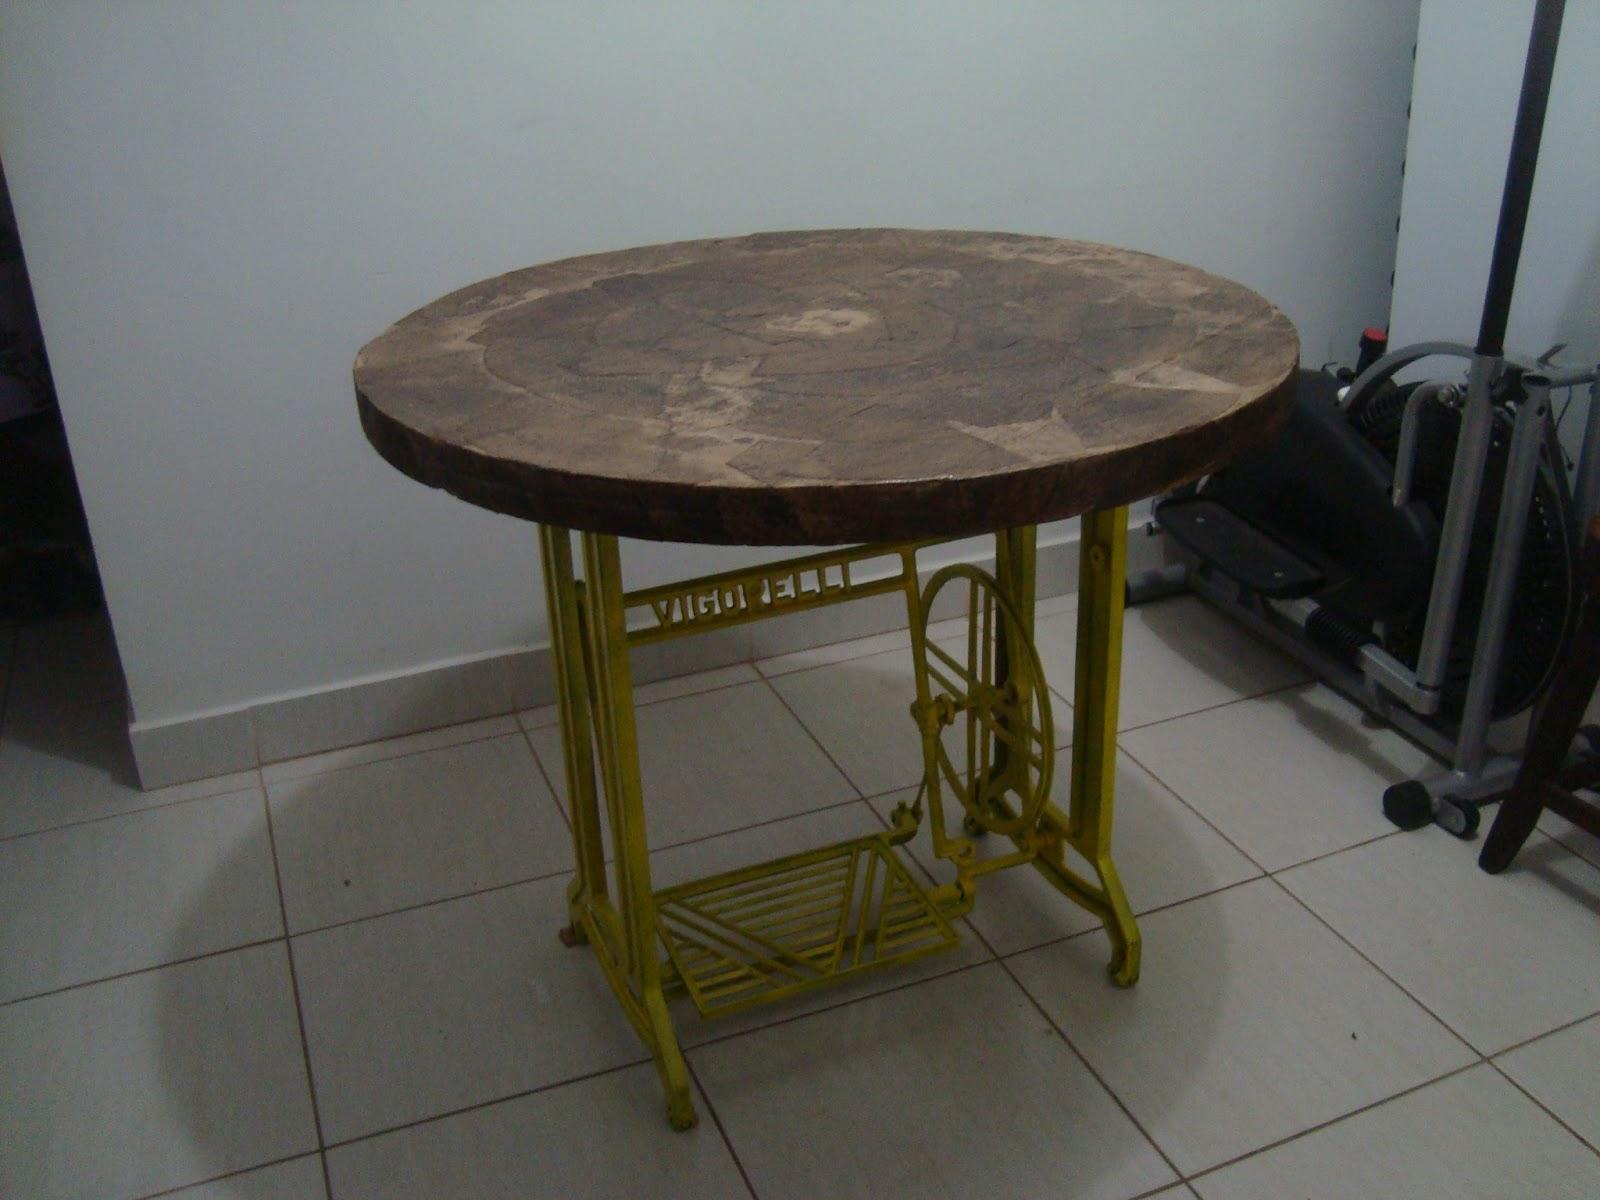 #323024  Mesa com pé de máquina antiga e tampo reciclado com filtro de café 1600x1200 px como pintar mesa de madeira com spray @ bernauer.info Móveis Antigos Novos E Usados Online